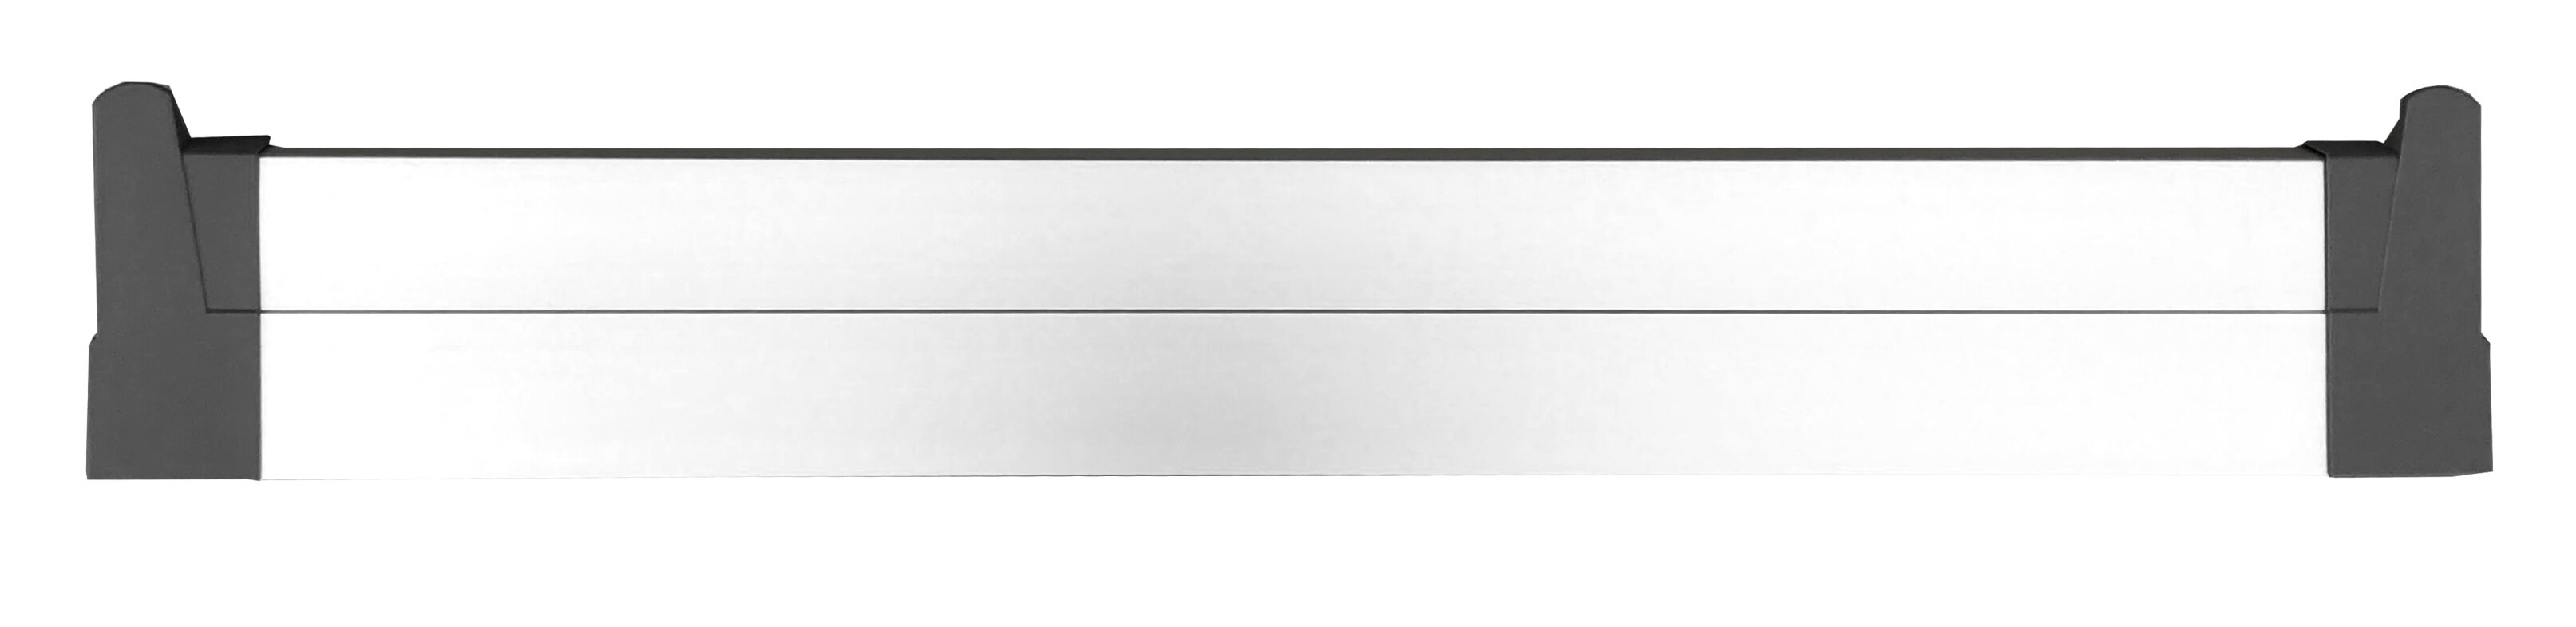 Ikea Rationell Schubladenfront Flach Fur Auszug 60cm 301 300 95 Faktum 30130095